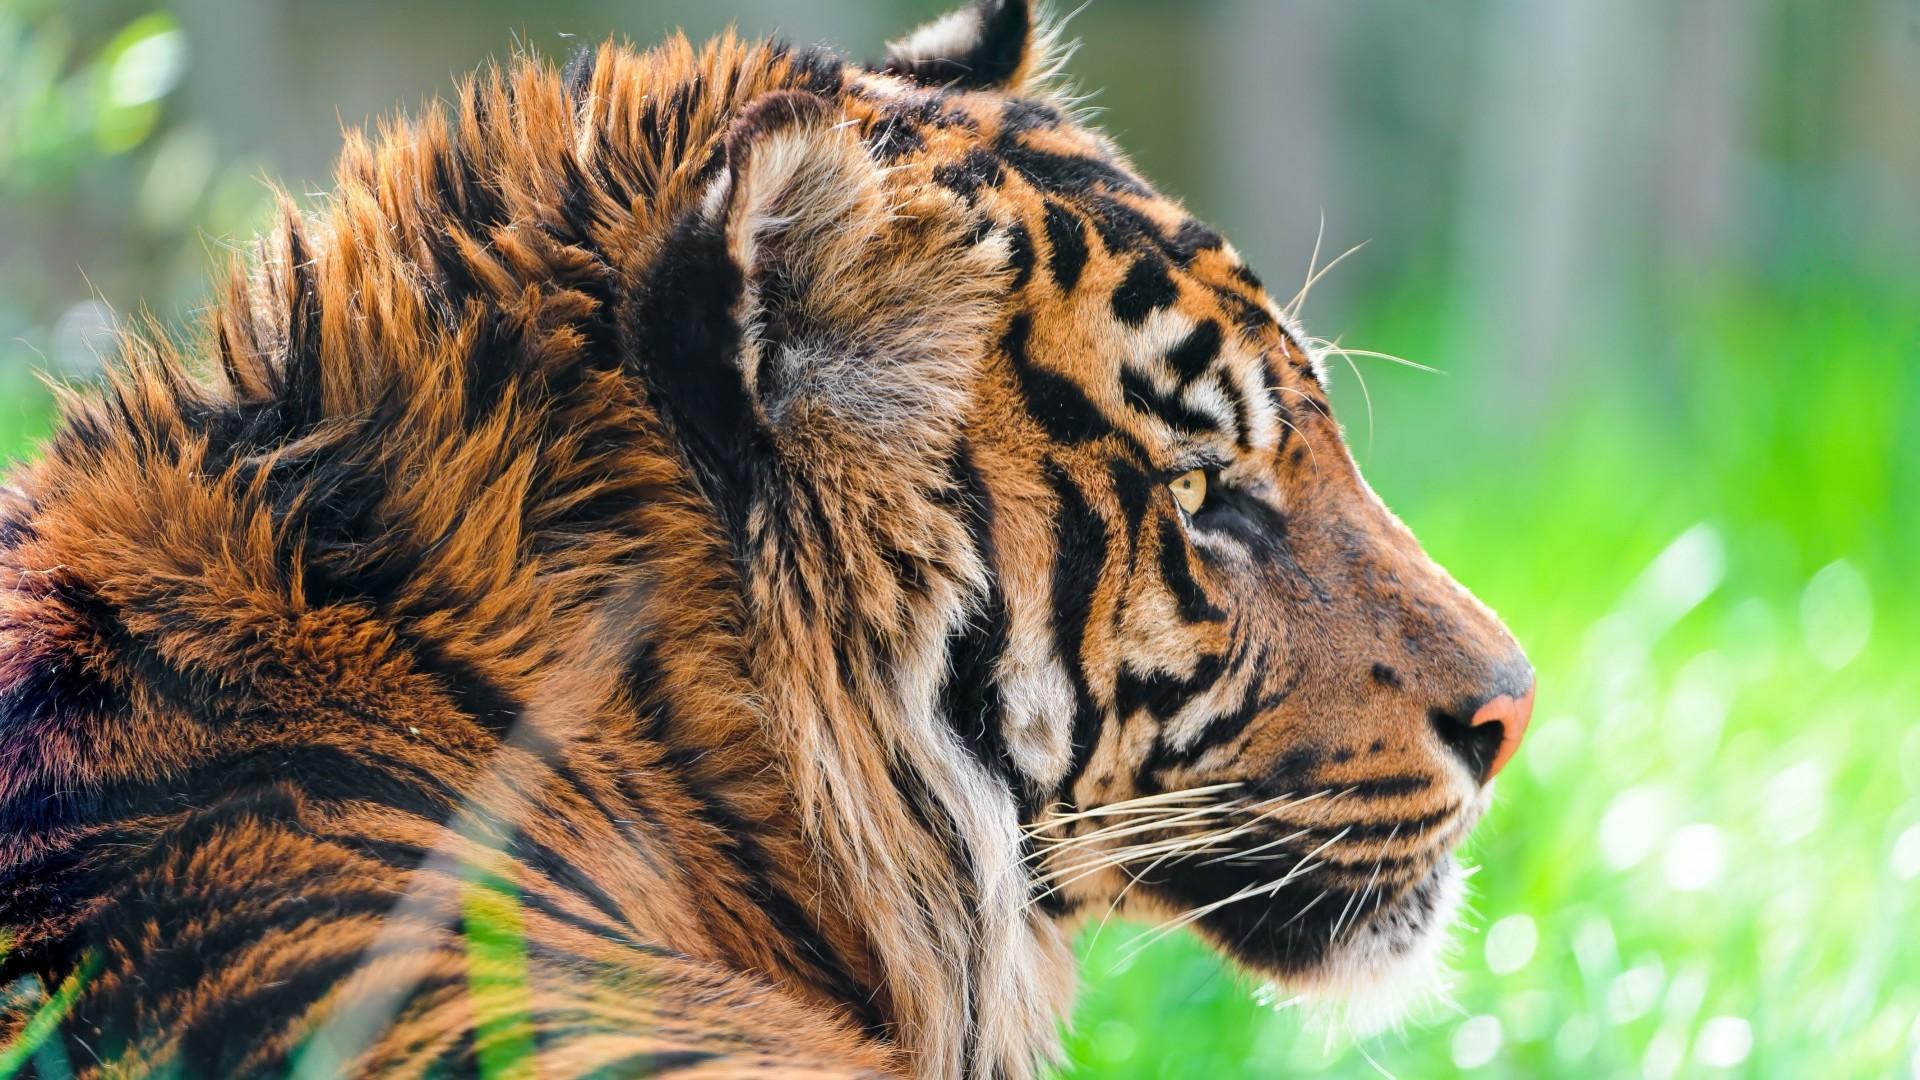 Download Wallpapers Download 2790x2547 Animals Grass: Wallpaper Tiger, 5k, 4k Wallpaper, Green Grass, Close